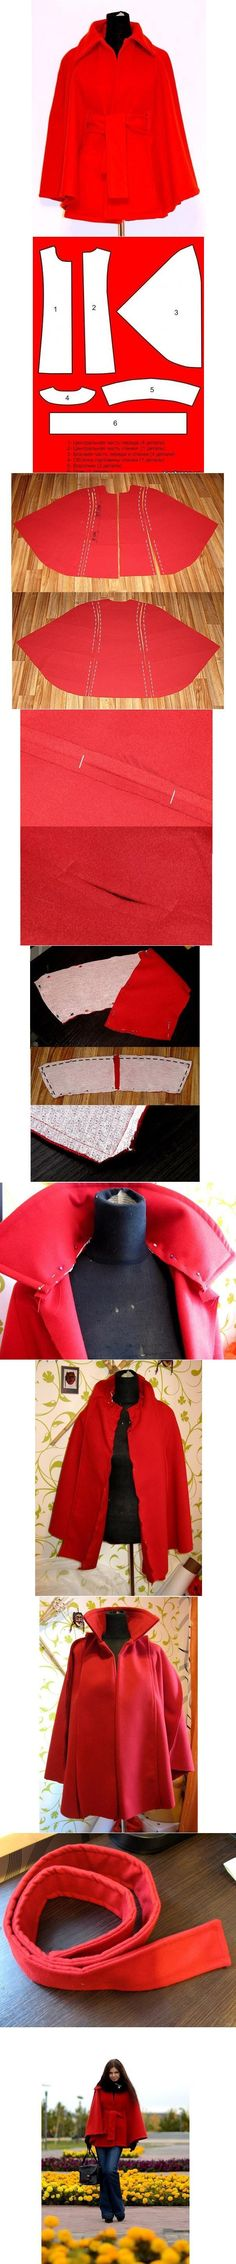 DIY Clothes DIY Refashion  DIY Fashion Cape